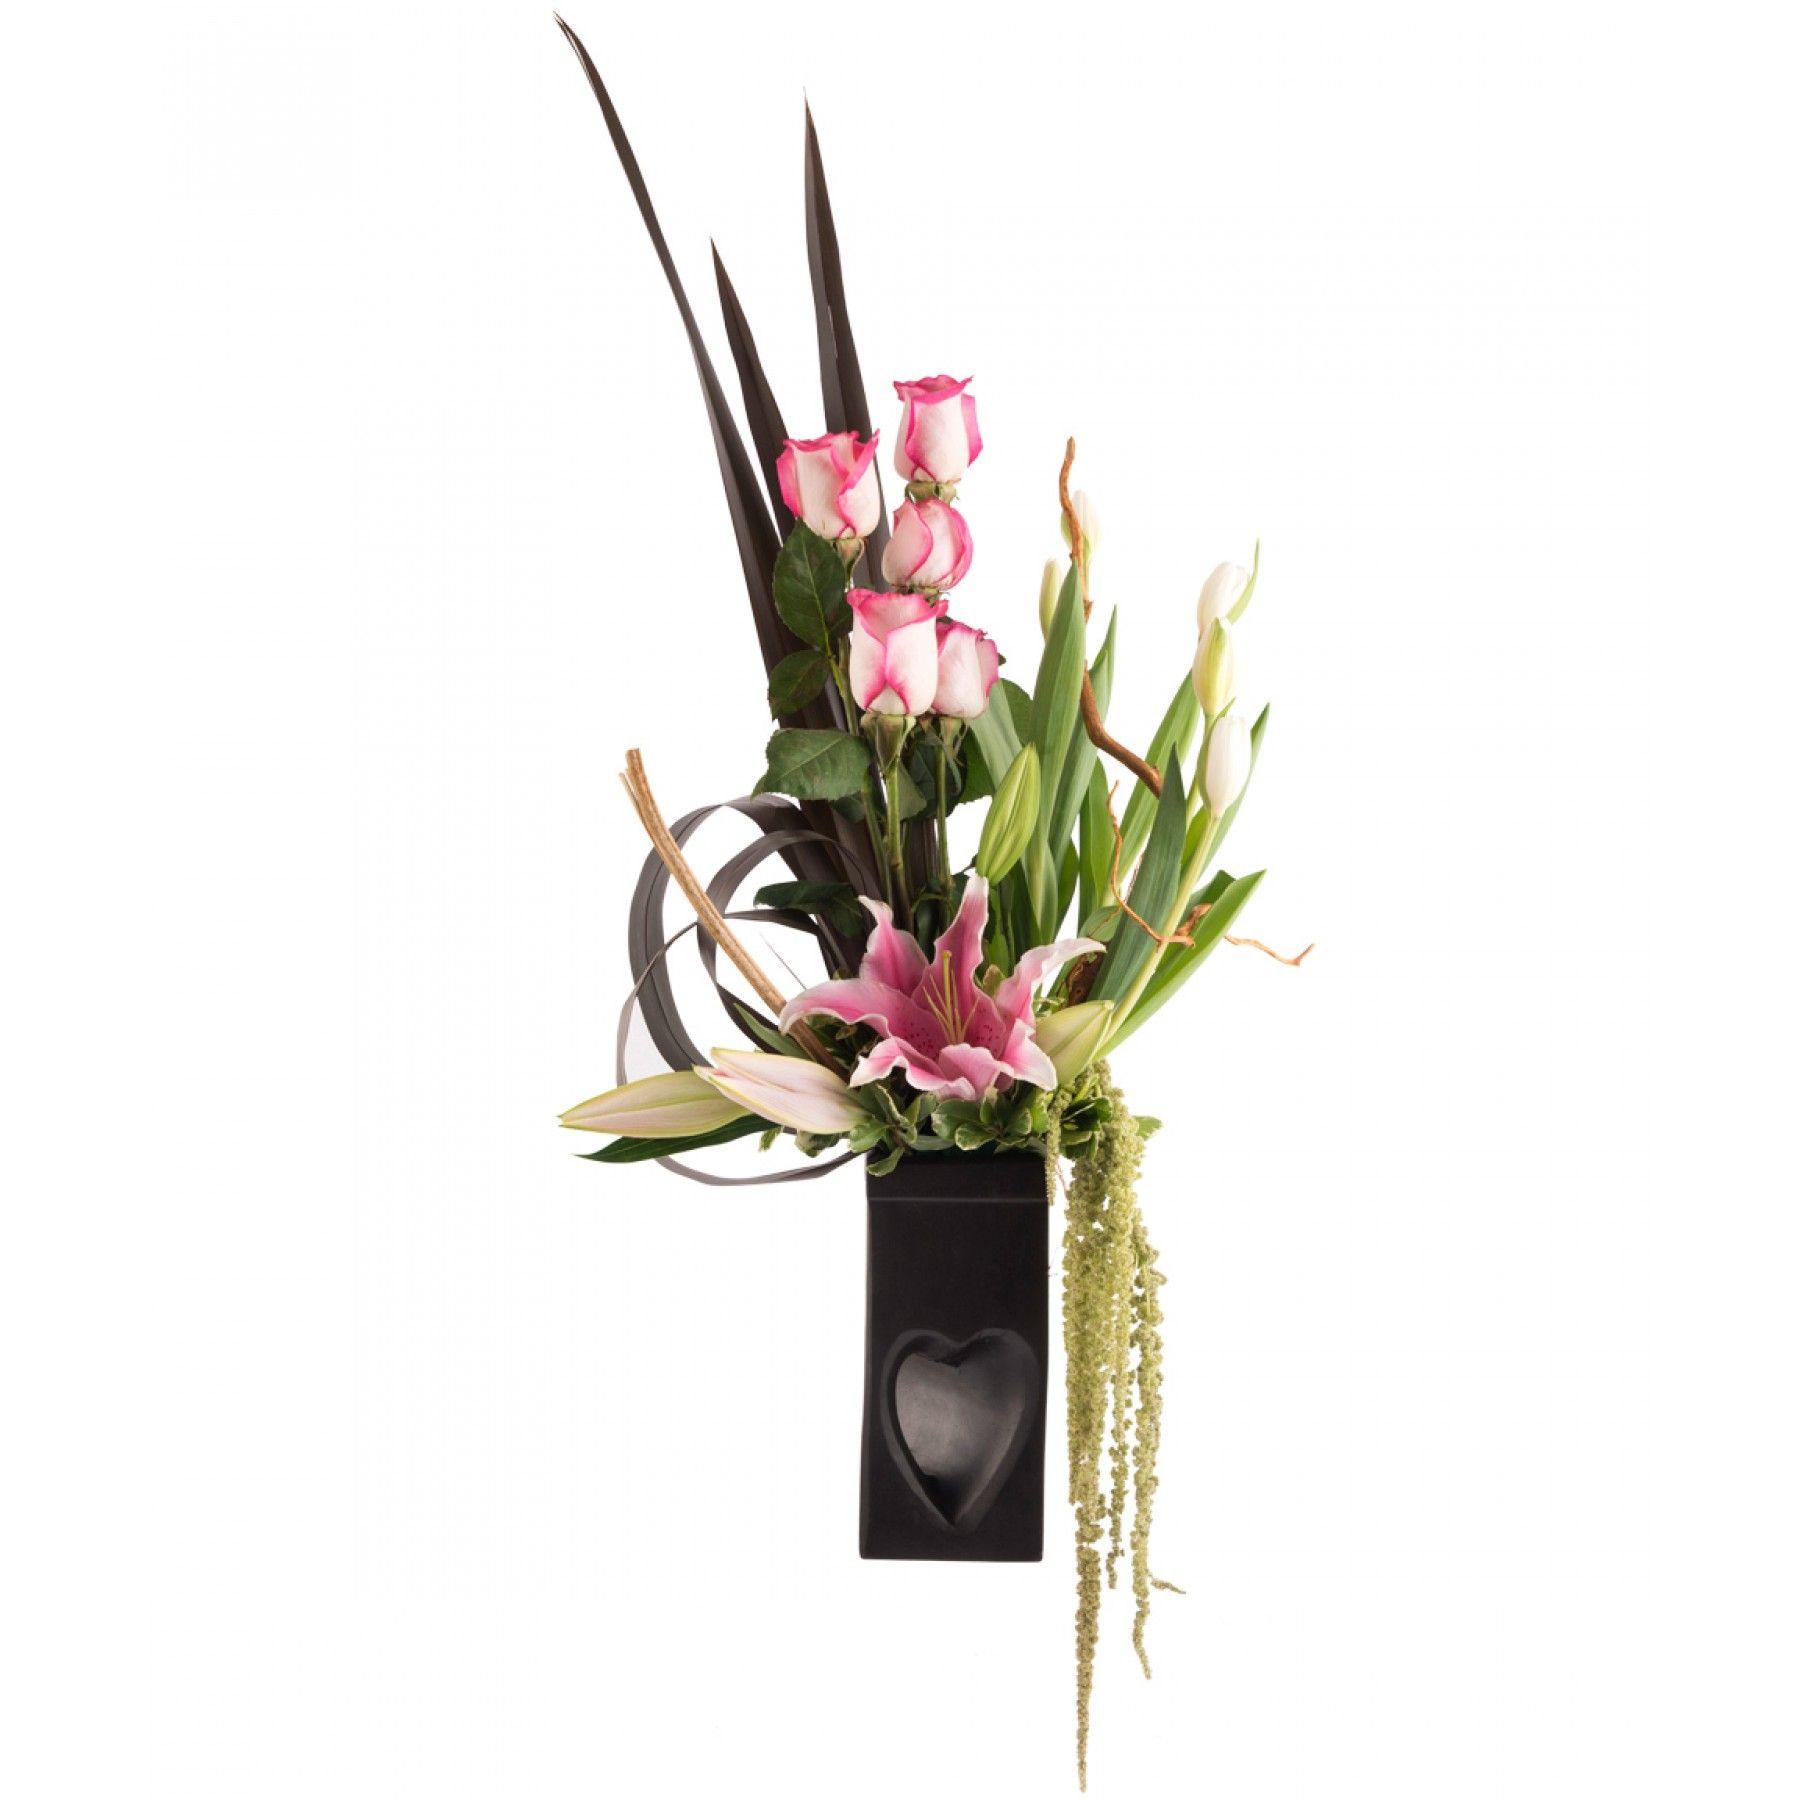 Florero elaborado en cerámica color chocolate de estilo rºstico con dise±o de coraz³n en parte inferior Decorado de Rosas rosas flores Acapulco y Tulipán